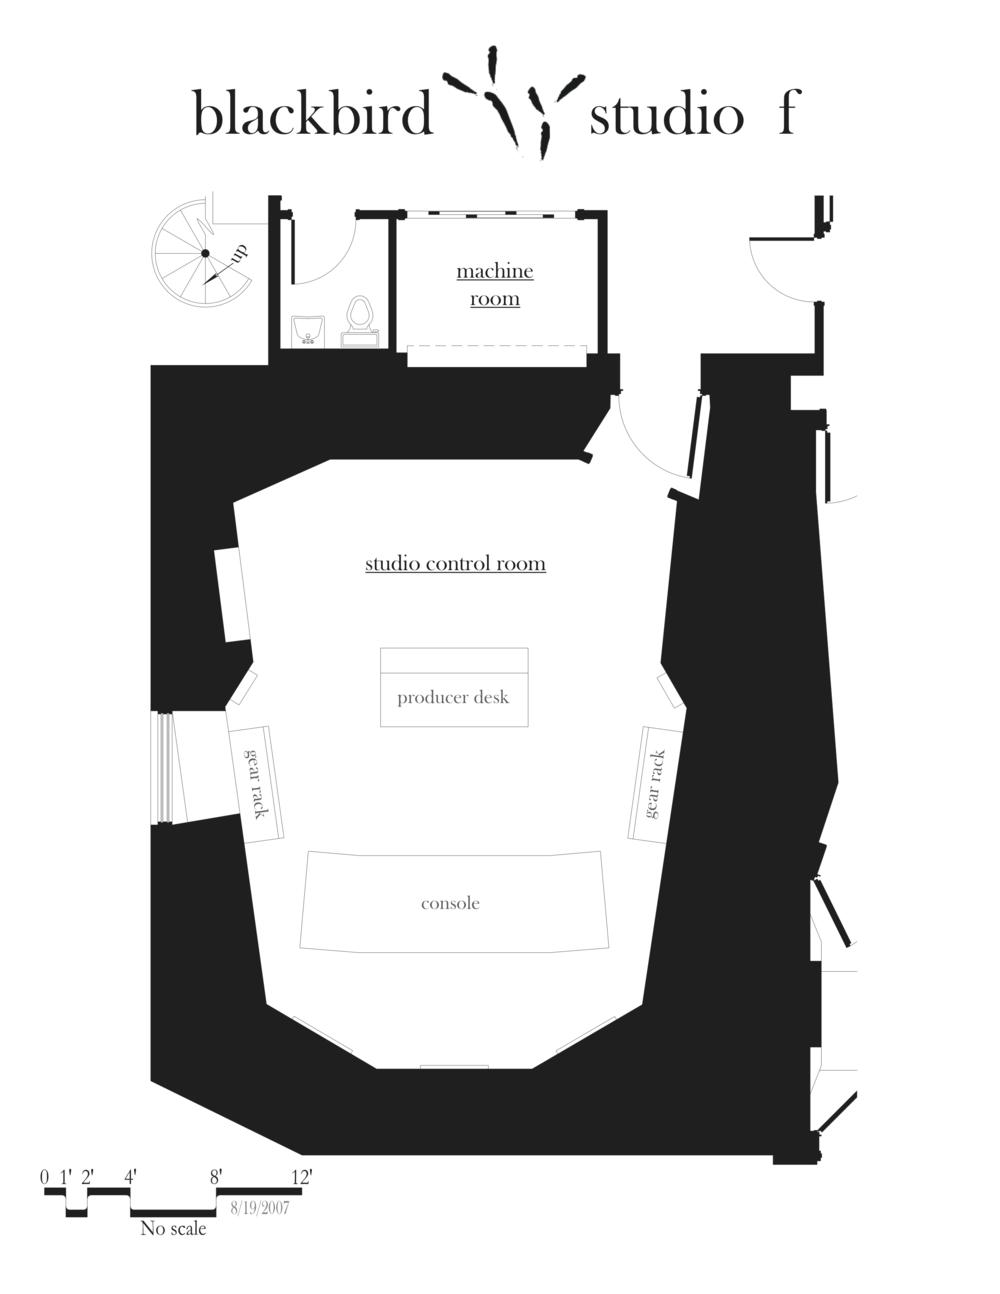 studio_f_layout.png